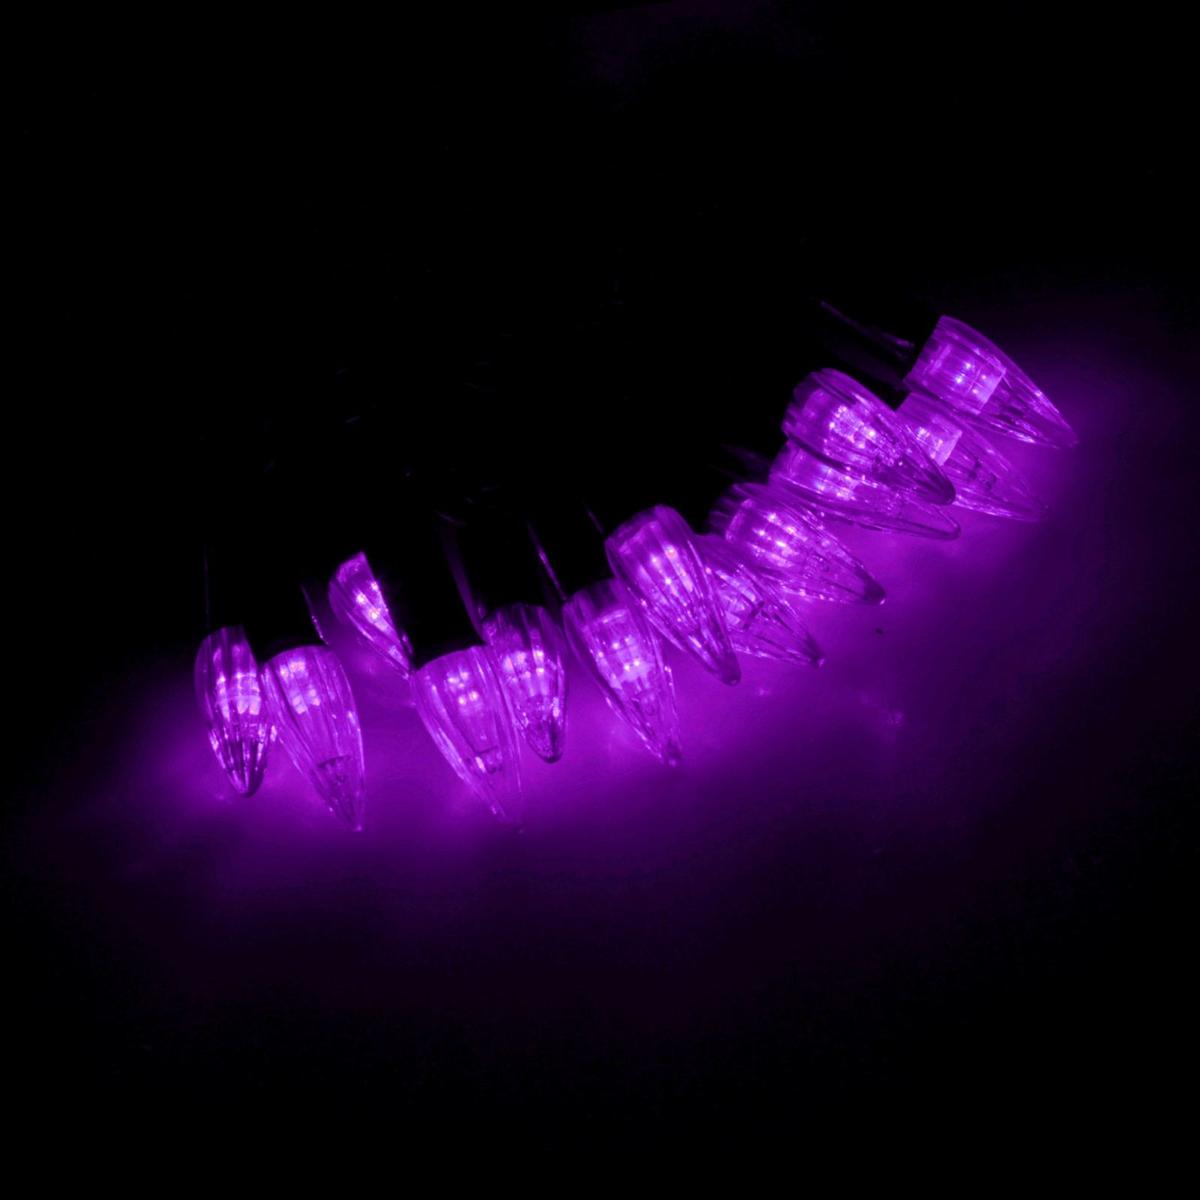 Гирлянда светодиодная Luazon Метраж. Свечки, уличная с насадкой, фиксинг, 40 ламп, 220 V, 5 м, цвет: фиолетовый. 185555185555Светодиодные гирлянды, ленты и т.д. — это отличный вариант для новогоднего оформления интерьера или фасада. С их помощью помещение любого размера можно превратить в праздничный зал, а внешние элементы зданий, украшенные ими, мгновенно станут напоминать очертания сказочного дворца. Такие украшения создают ауру предвкушения чуда. Деревья, фасады, витрины, окна и арки будто специально созданы, чтобы вы украсили их светящимися нитями.